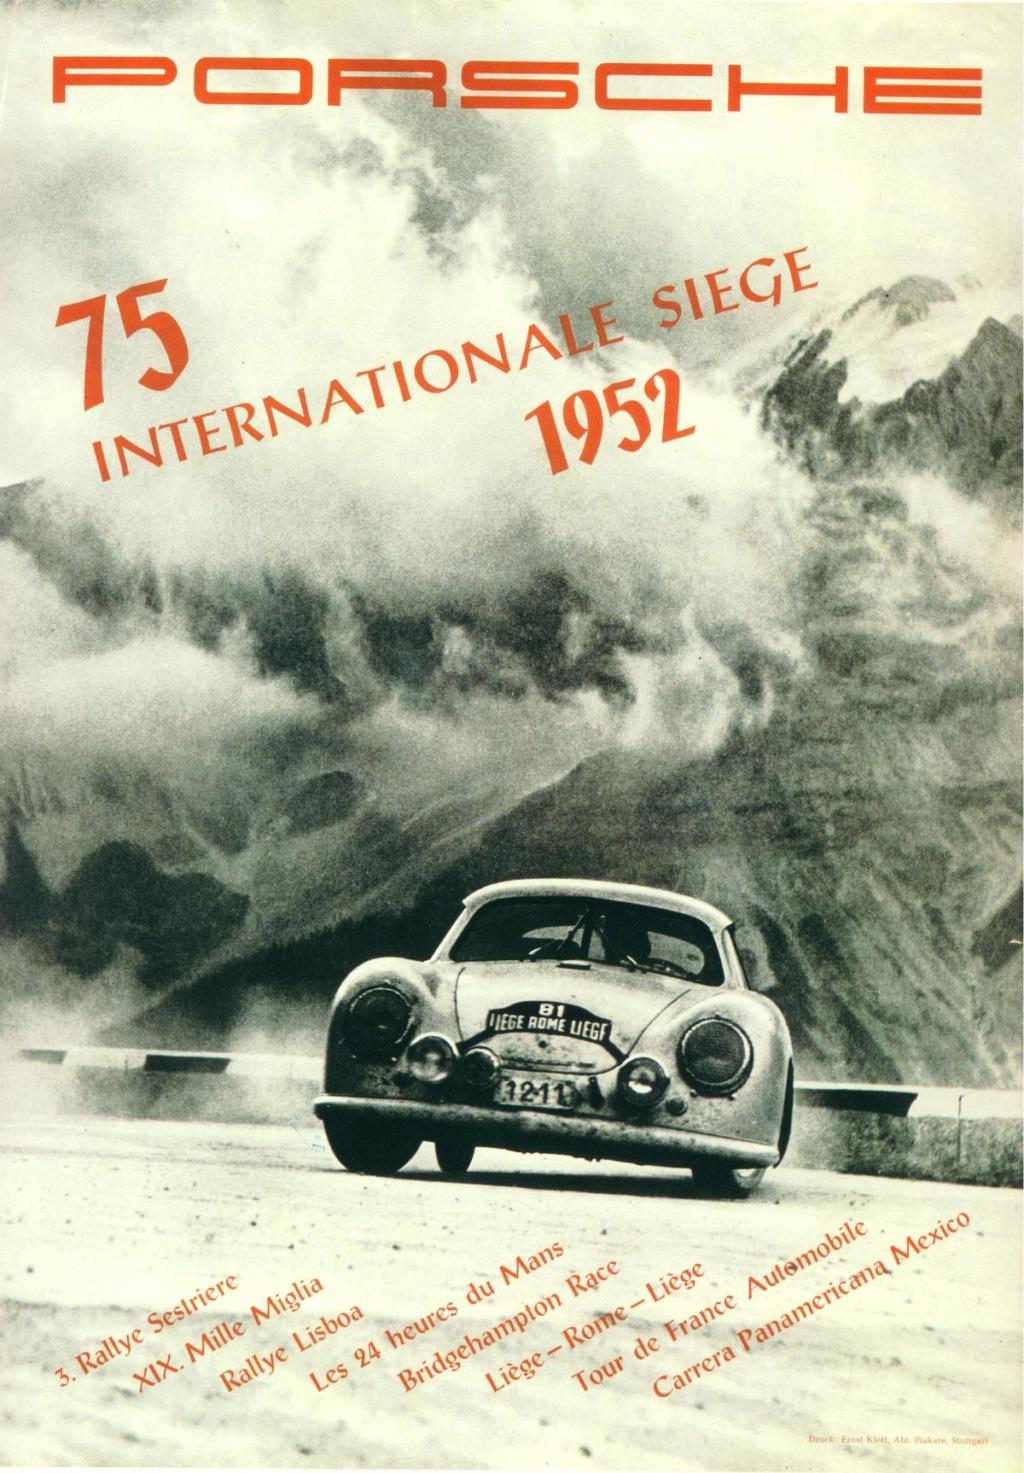 Une Belle photo de Porsche - Page 33 Affich10